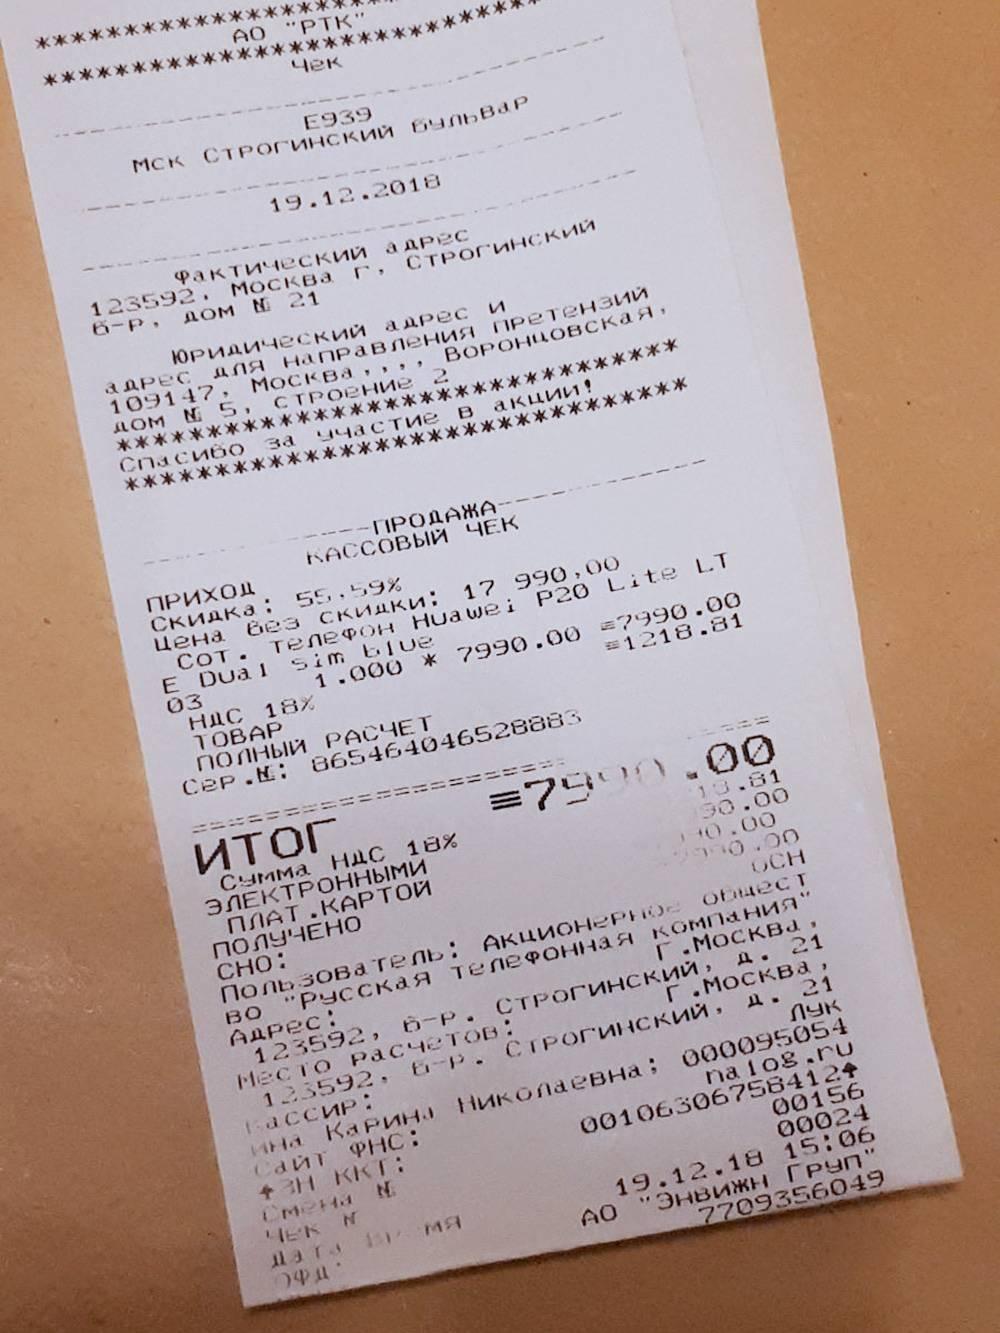 Чек за телефон мужу. Размер скидки — 10 000 баллов — порадовал: вместо 17 990<span class=ruble>Р</span> я заплатила за телефон 7990<span class=ruble>Р</span>. Кассир тоже захотел такую скидку